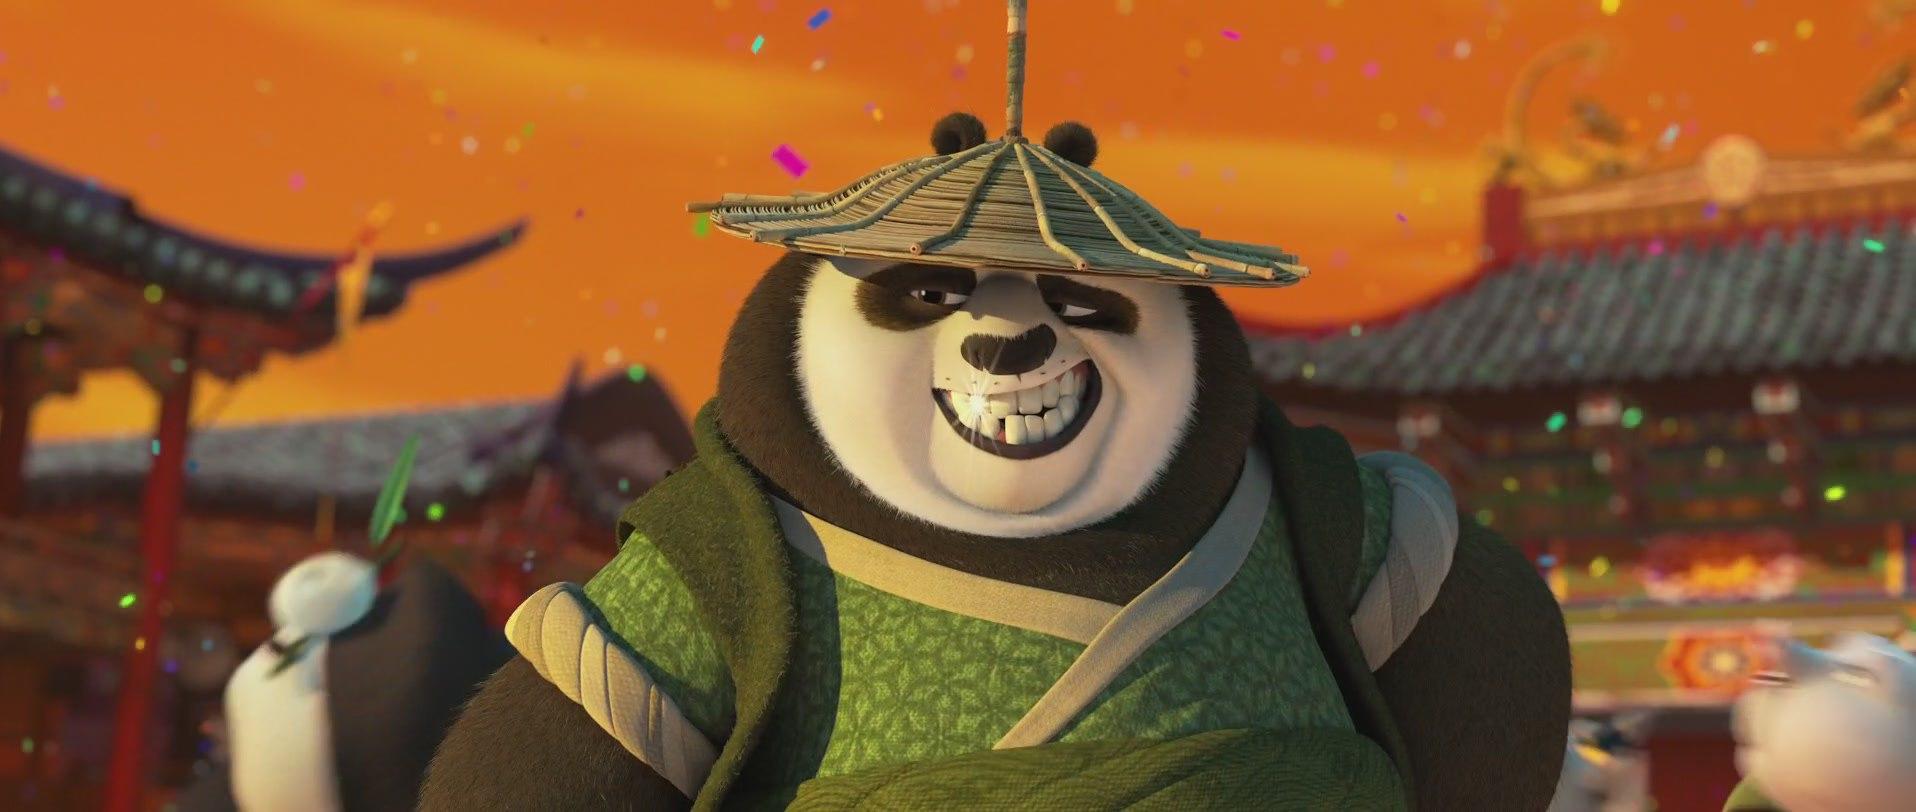 отец панды кунг-фу 2016